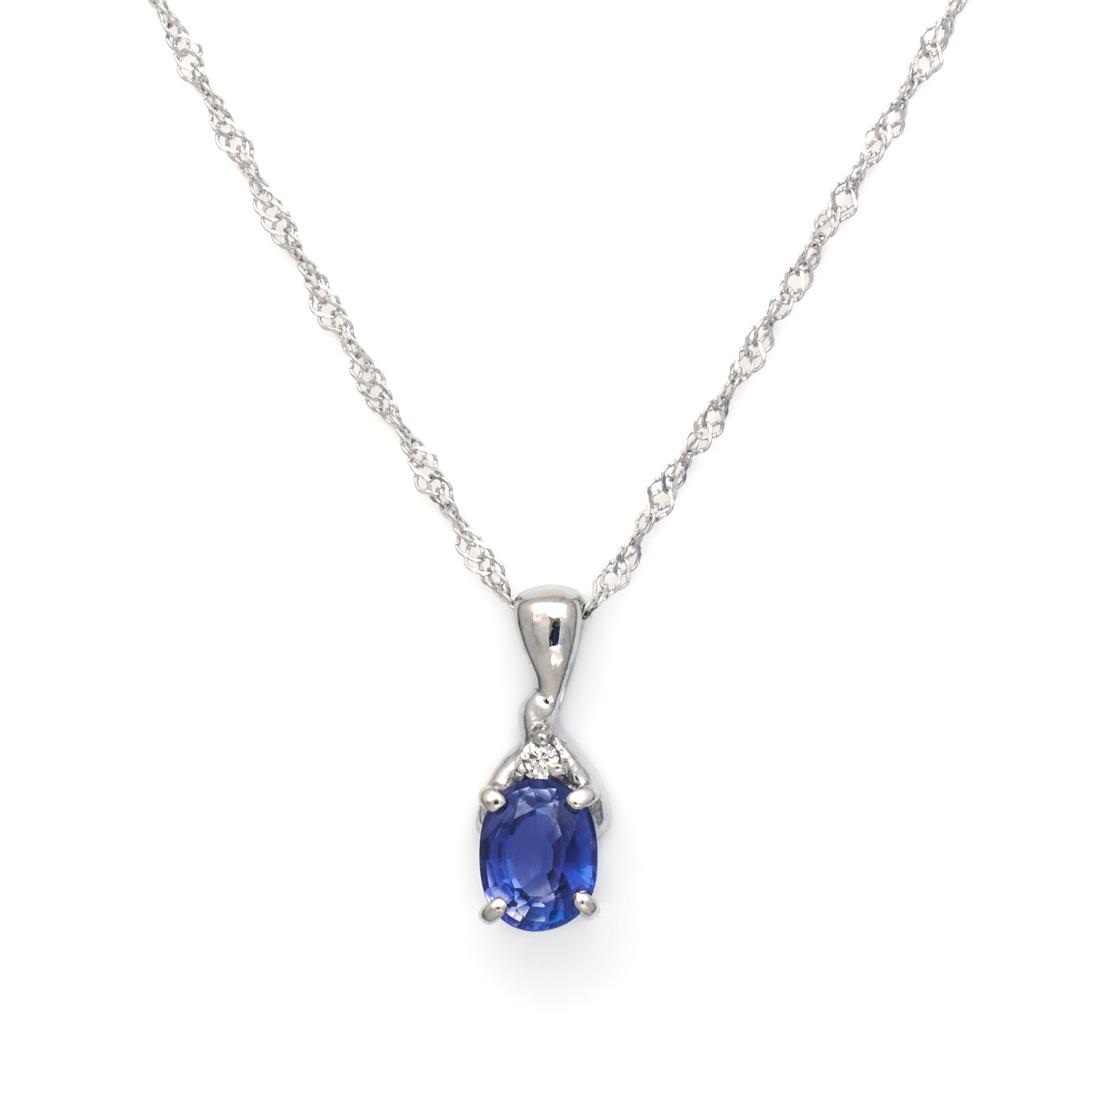 K18 ブルーサファイア ダイヤモンド ペンダント 「calzare」送料無料 ネックレス サファイヤ ダイアモンド スクリューチェーン 誕生日 9月誕生石 18K 18金 ゴールド ギフト 贈り物